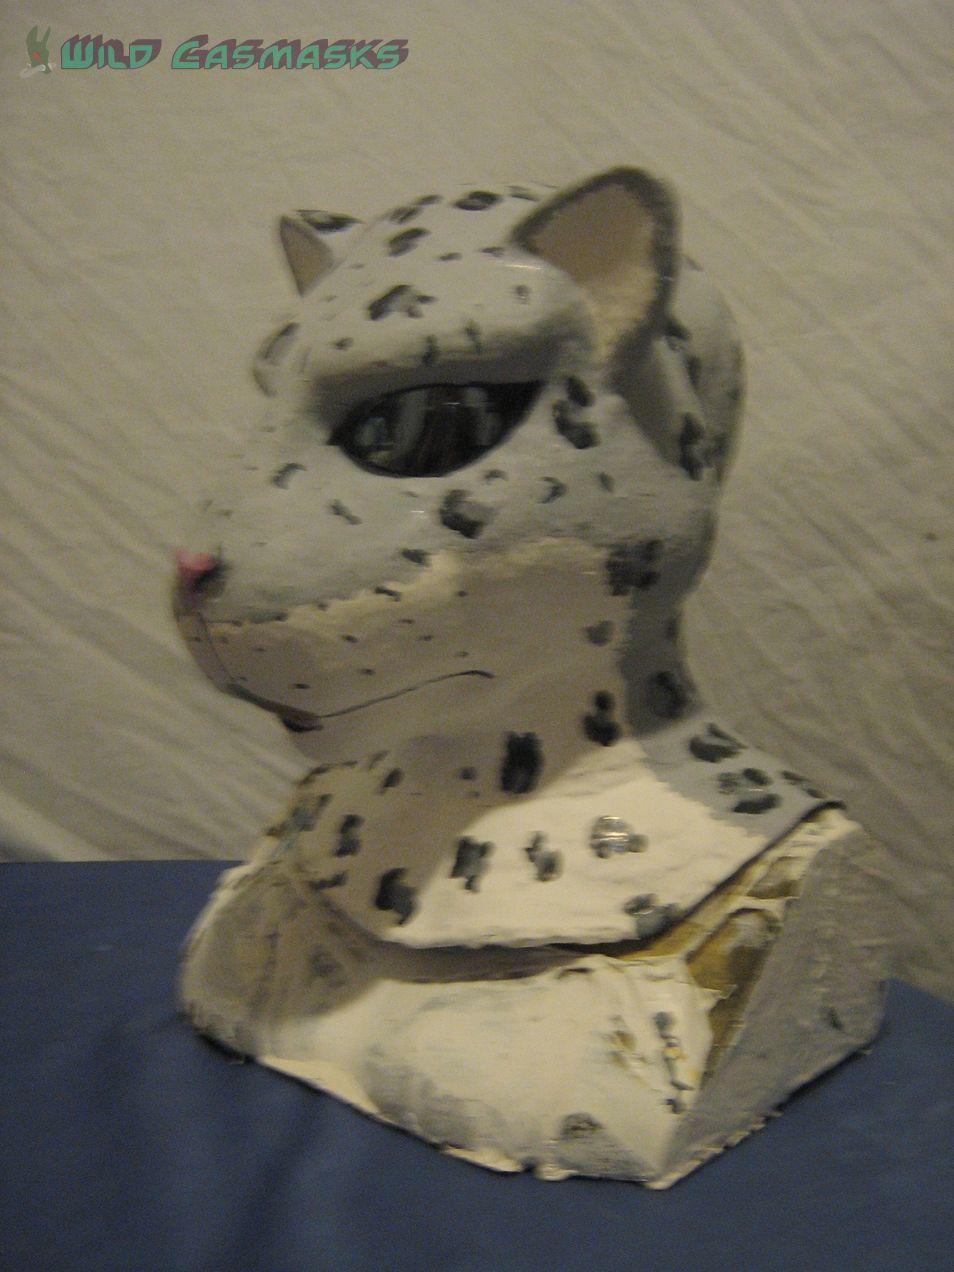 Snow Leopard 2 - Quarter View